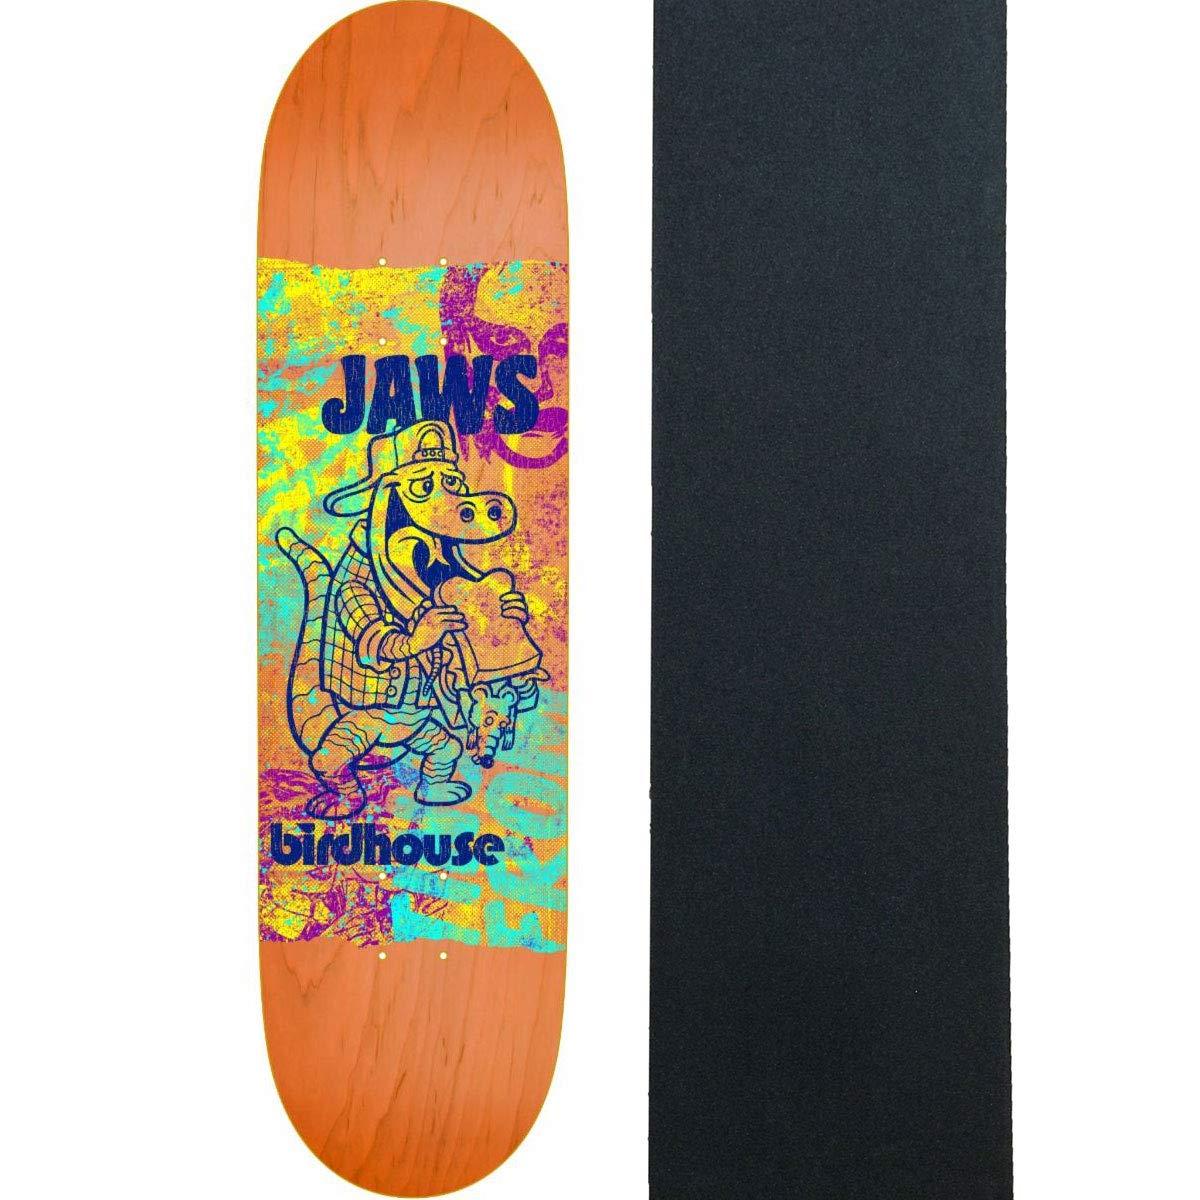 熱い販売 Birdhouse スケートボード B07PMLK29Y デッキジョーズ ショープリント 8.25インチ 8.25インチ グリップ付き B07PMLK29Y, 吉敷郡:bd03207a --- kickit.co.ke